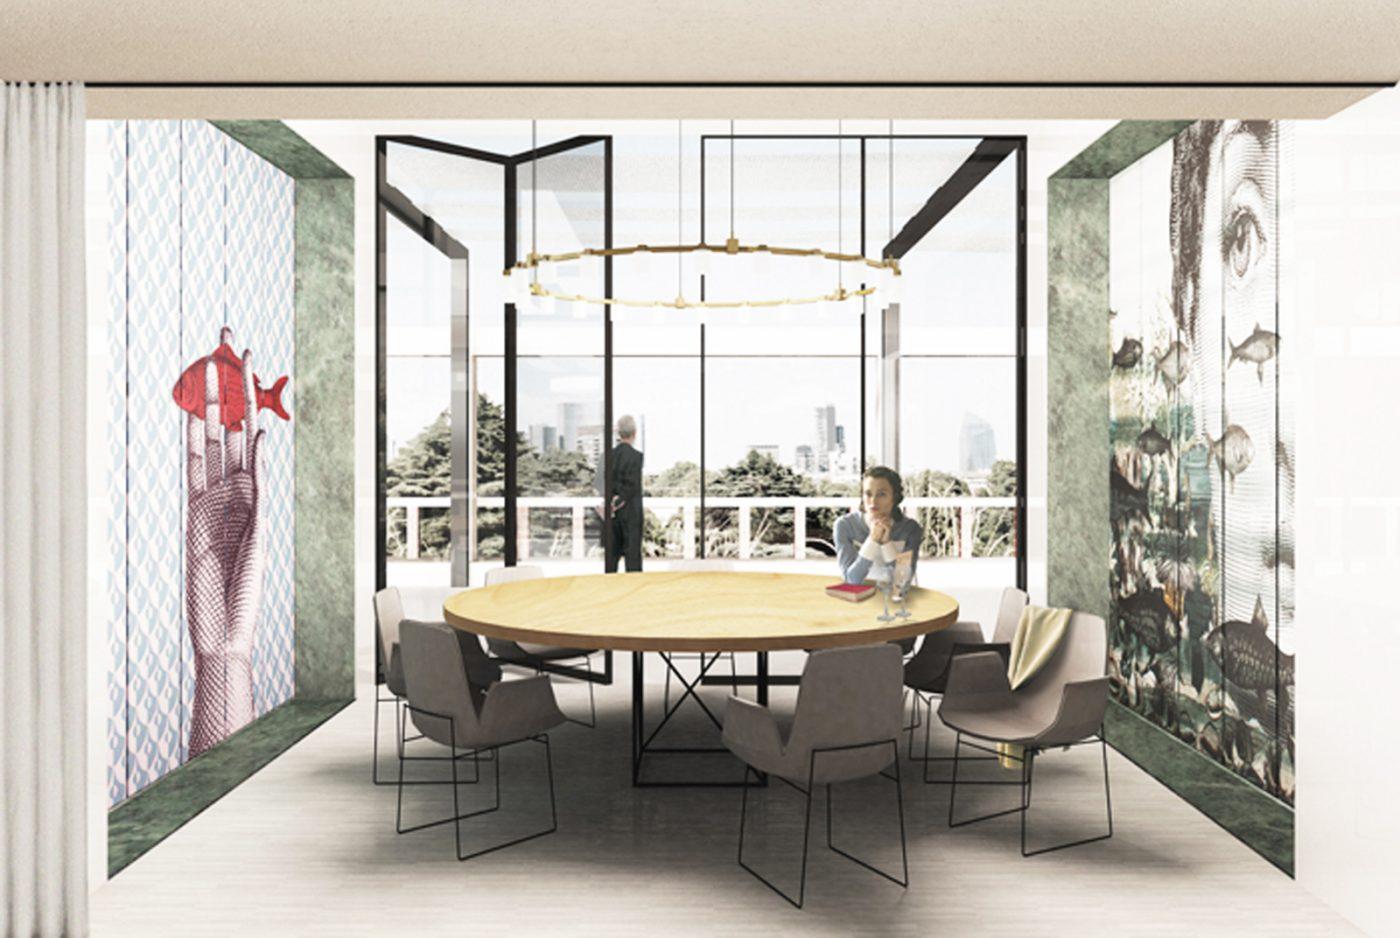 Terrazza Triennale Studio Wok